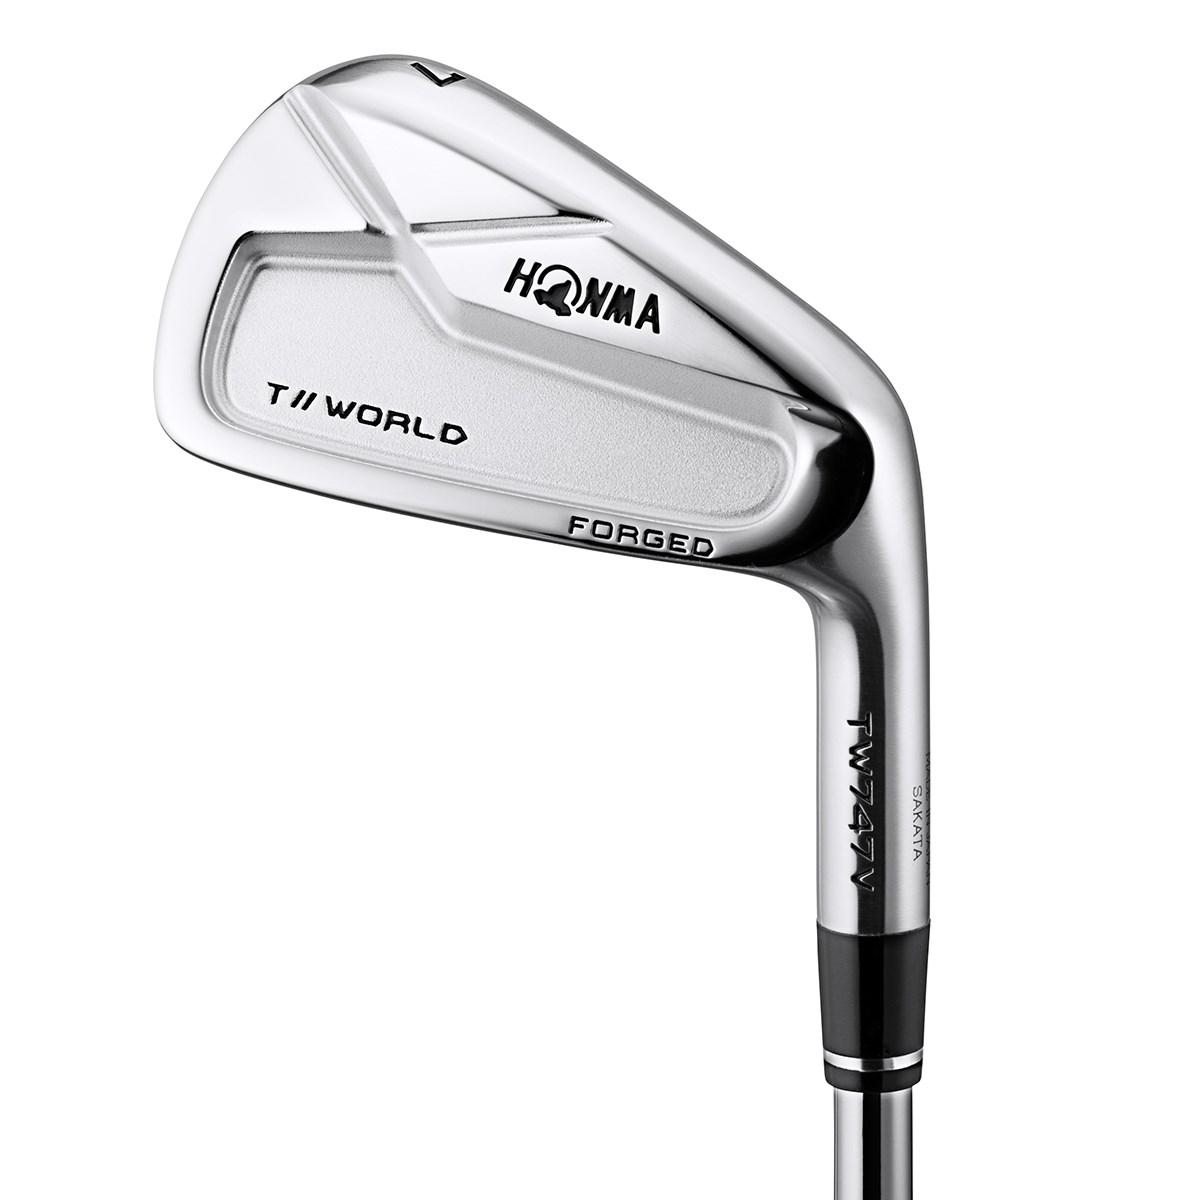 本間ゴルフ(HONMA GOLF) ツアーワールド TW747 V アイアン(6本セット) AMT TOUR WHITE